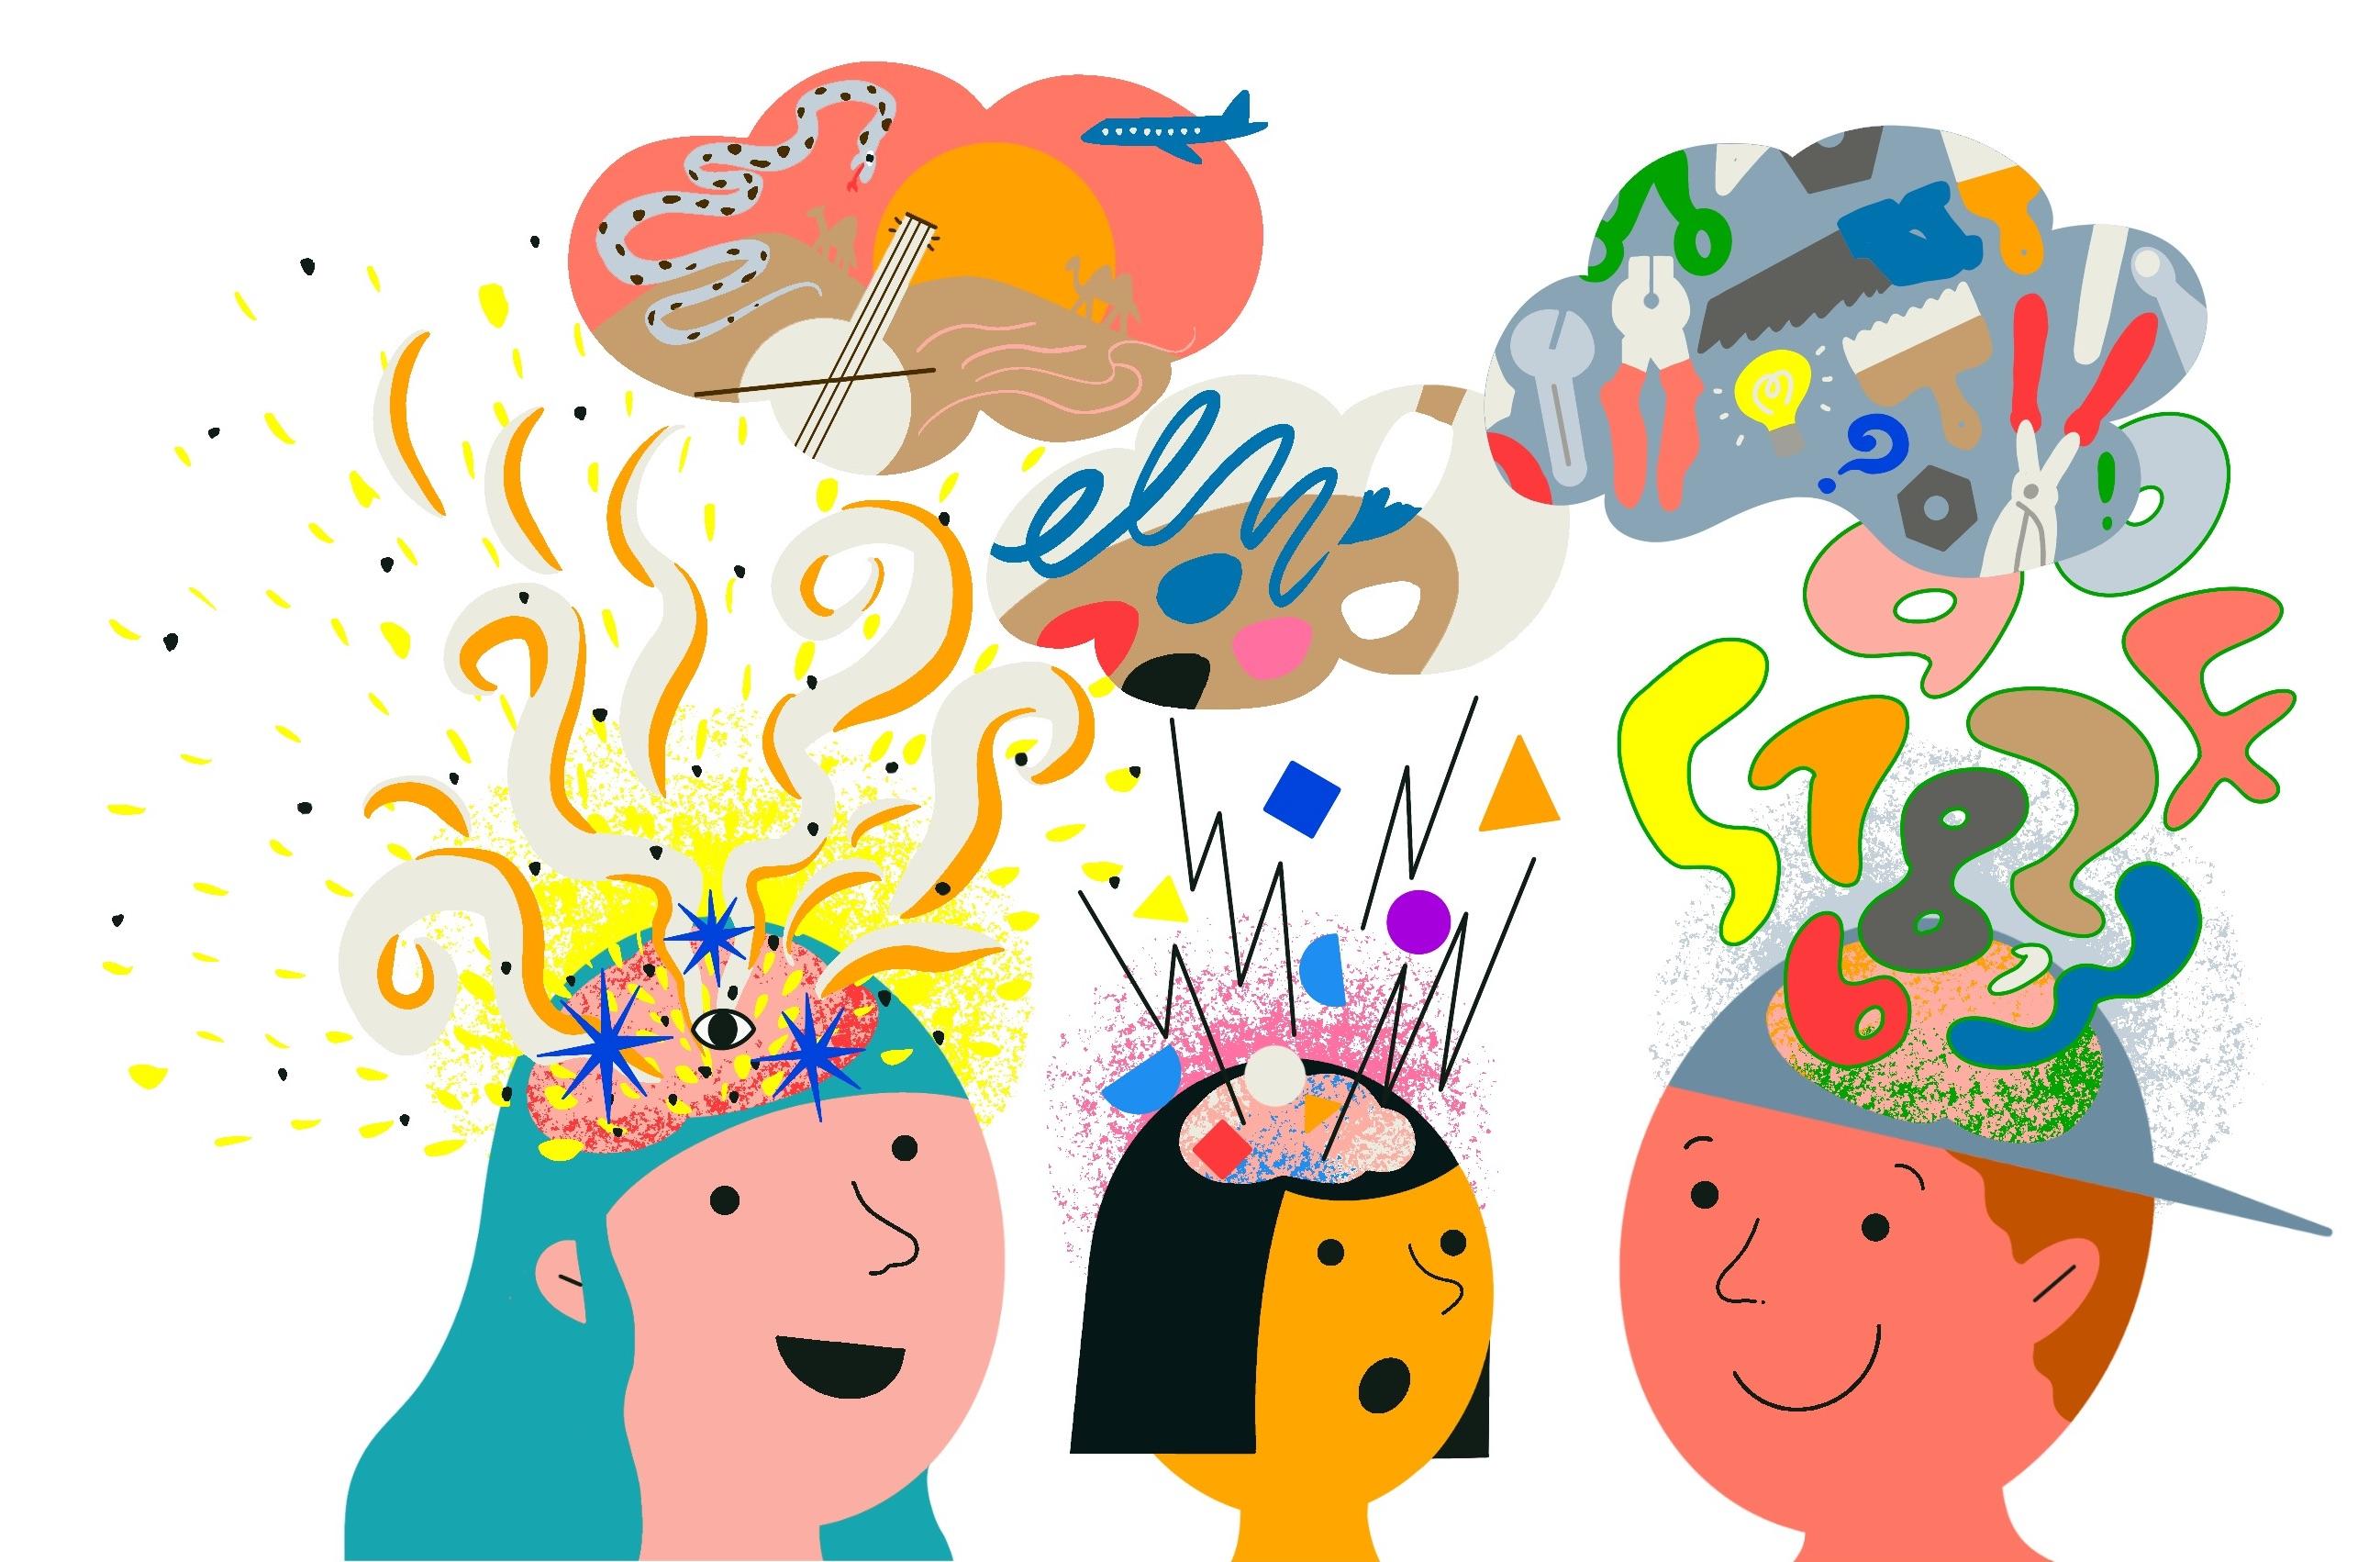 チェルフィッチュ、辻本知彦・菅原小春、田中馨、Aokidと、踊ろう・奏でよう・演じよう・対話しよう!!子どもからユースまで!THEATRE for ALLの「真夏のワークショップスペシャル」